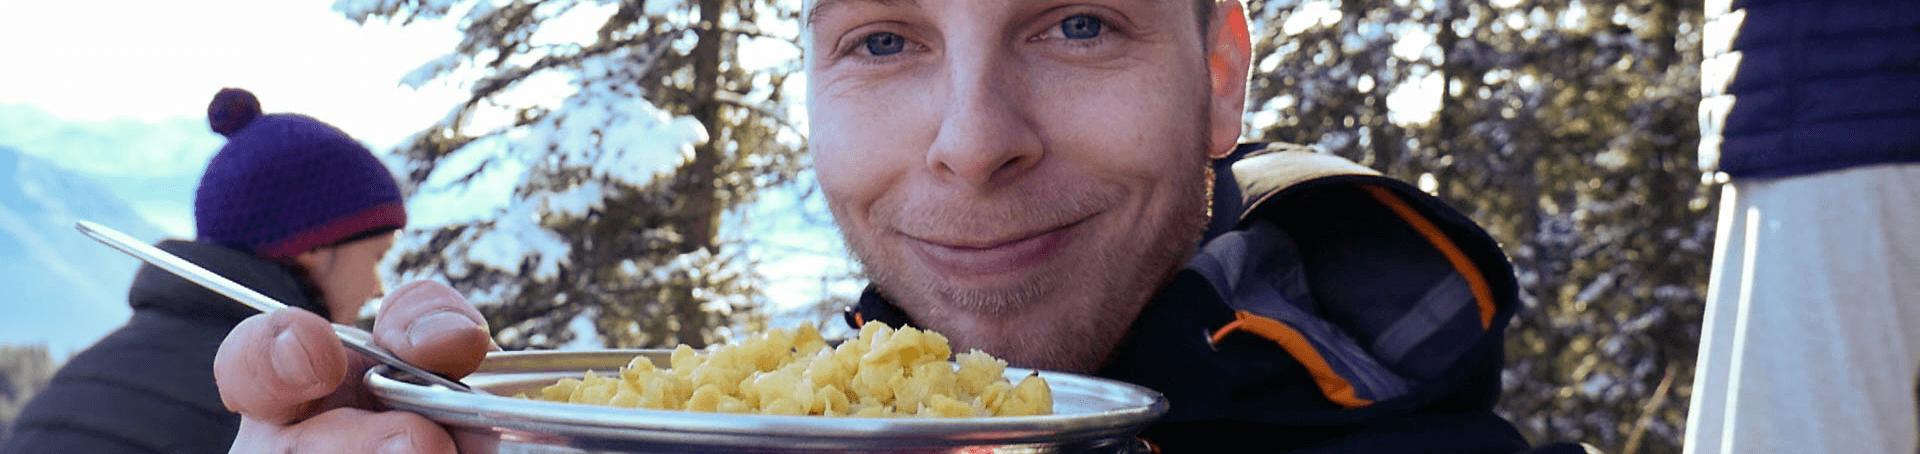 Markus beim Kässspätzle essen auf dem Ettaler Mandl